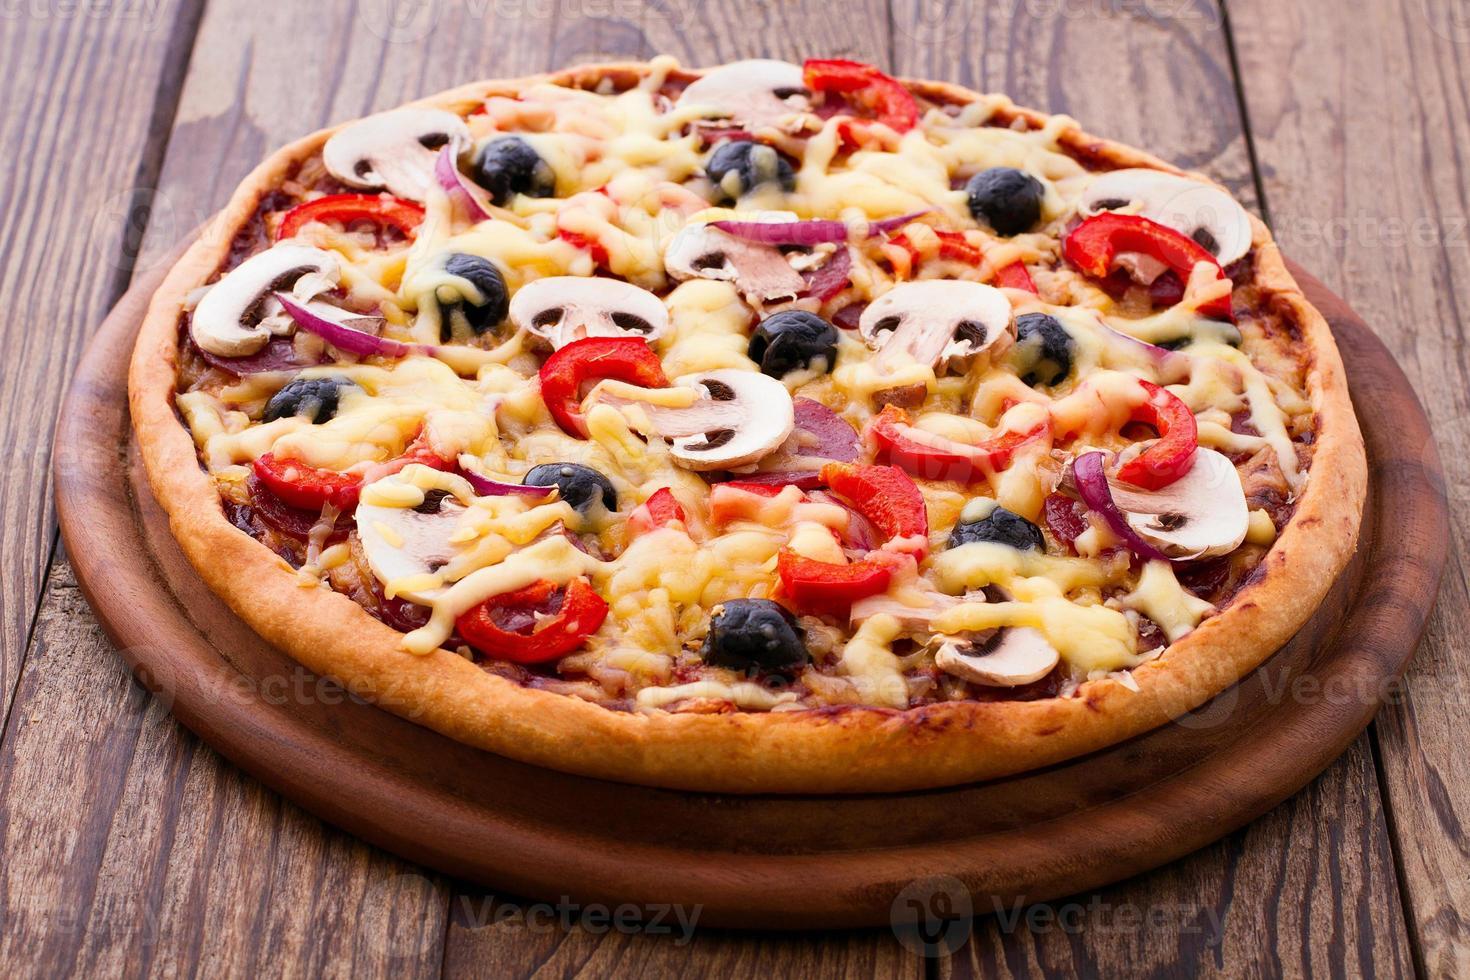 pizza med skaldjur på träbord foto